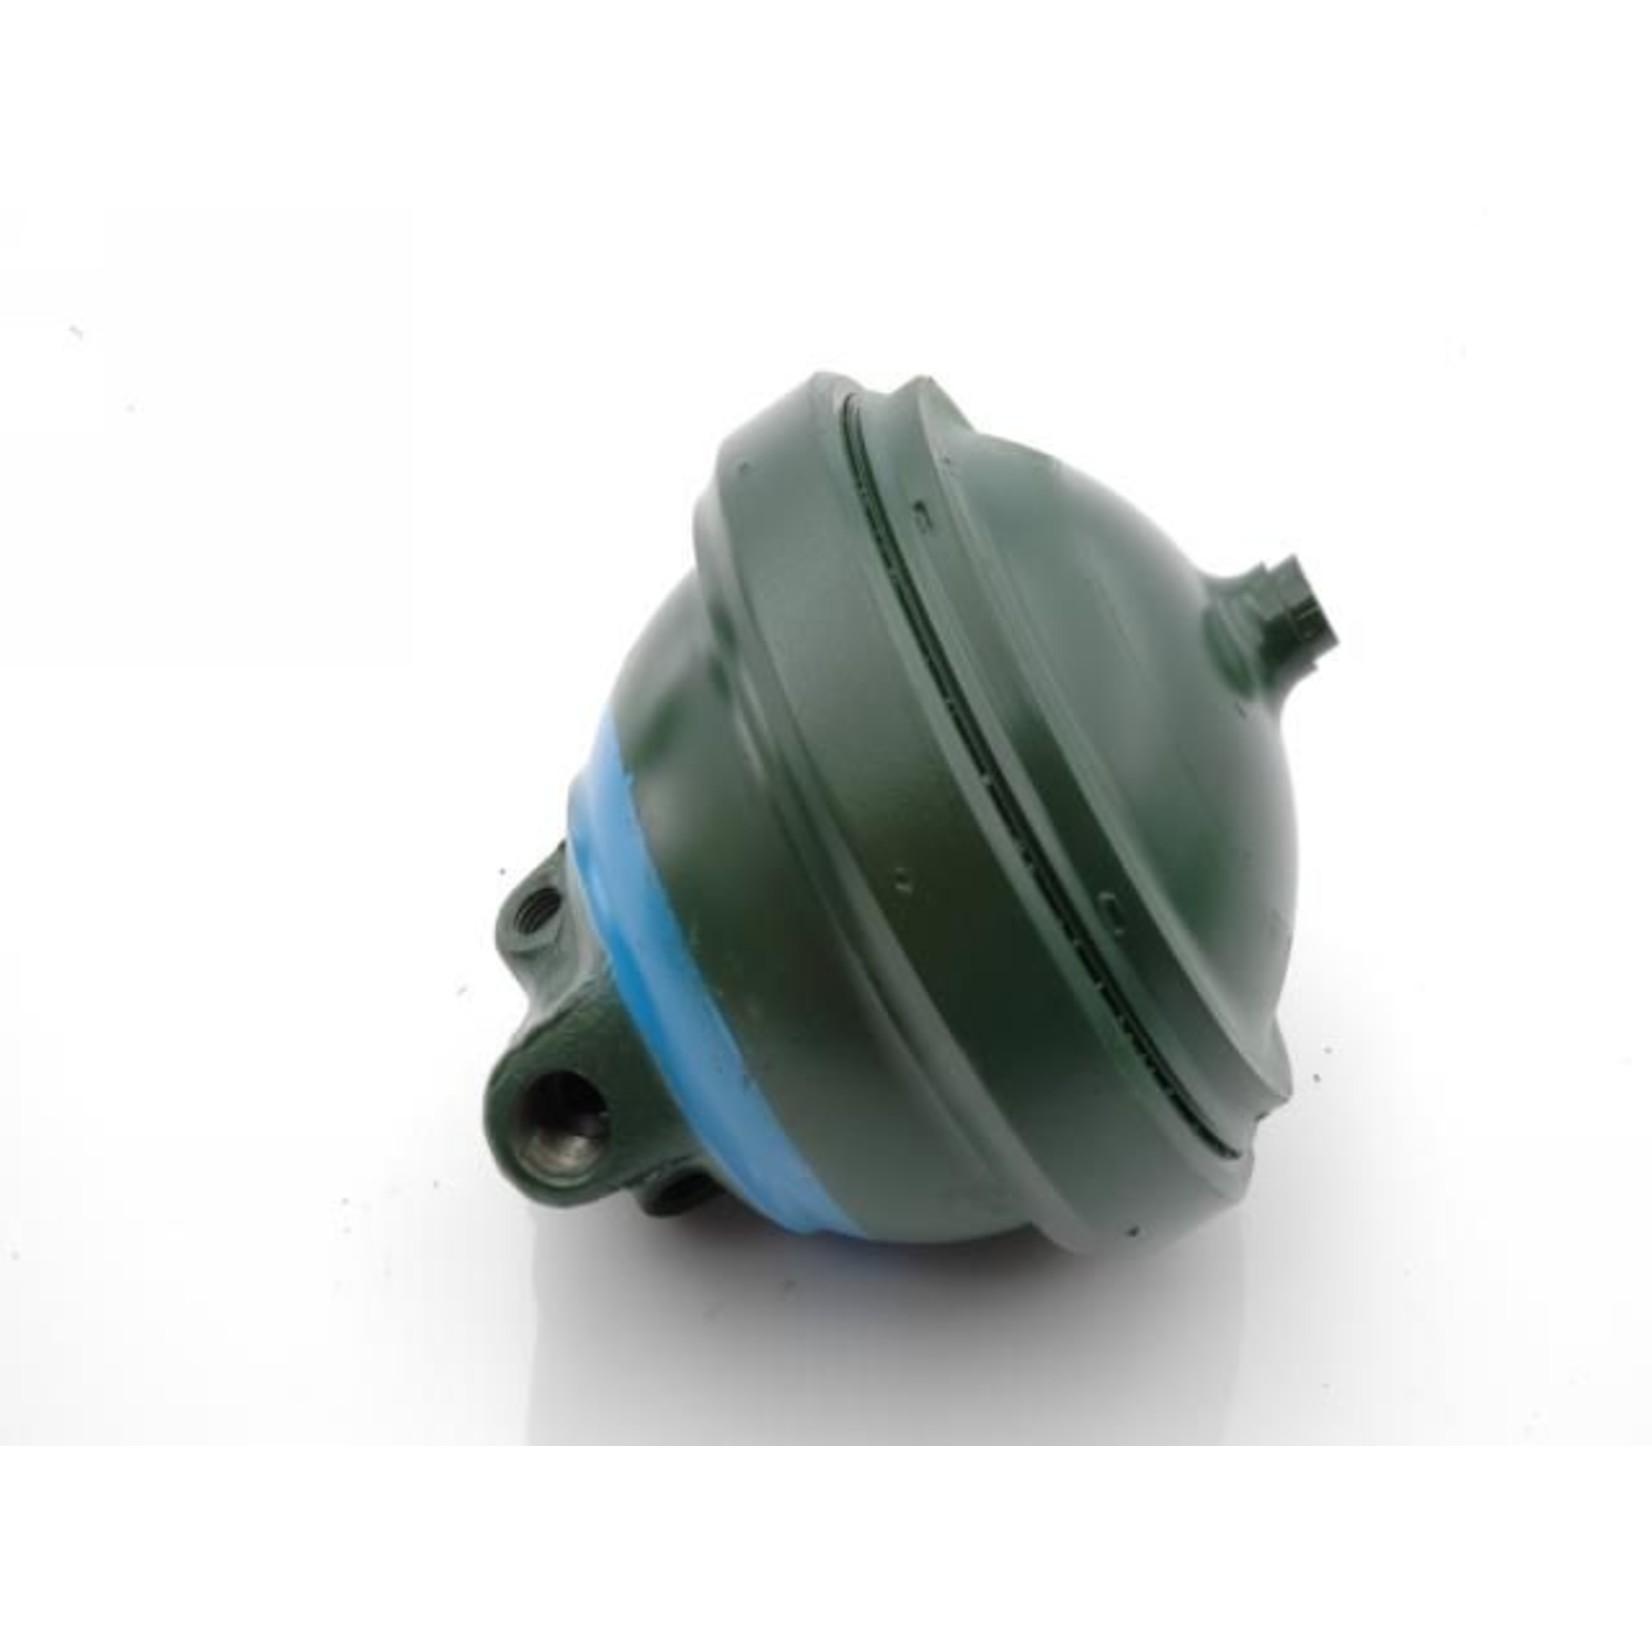 Esfera accumulador de freno 3 bocas reaconditionado LHM 40 bar Nr Org: 5415541